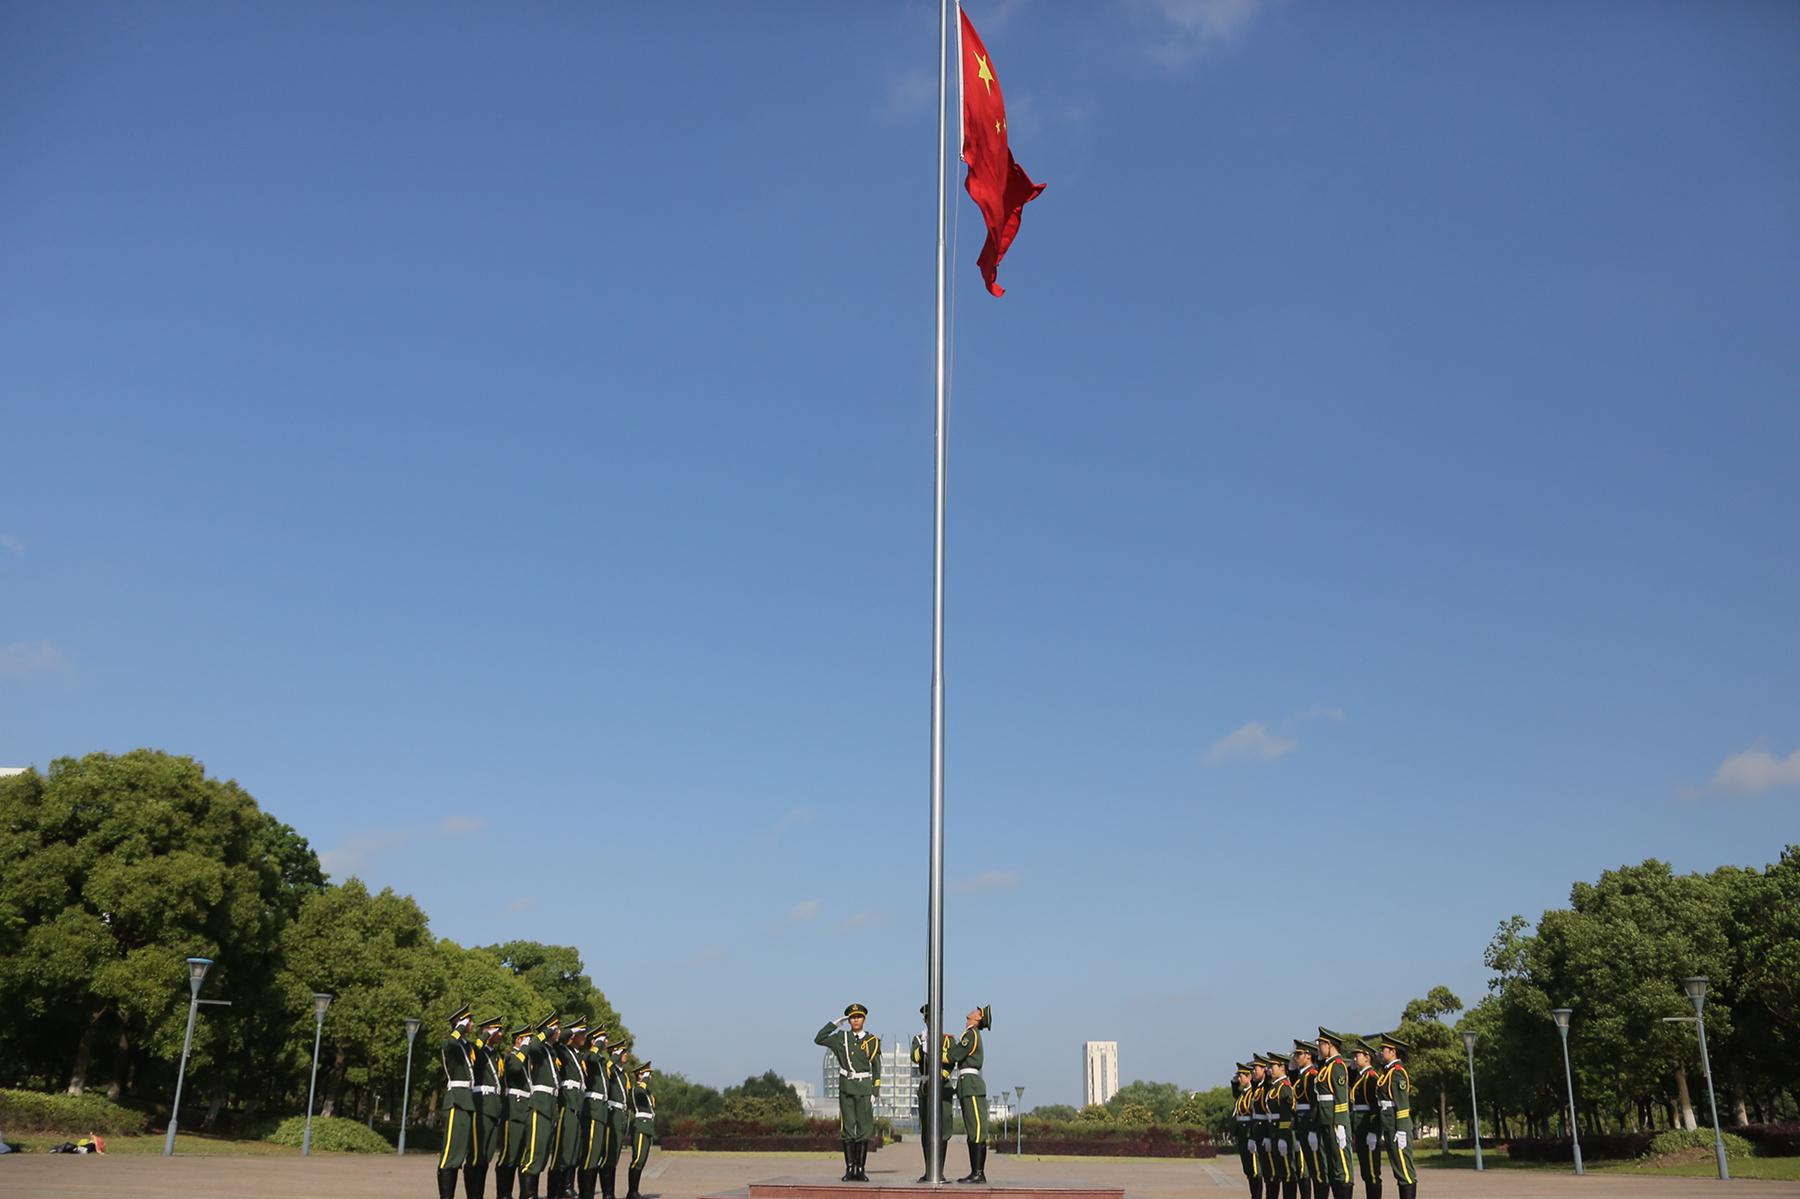 【践行社会主义核心价值观】青春与国旗共飞扬——